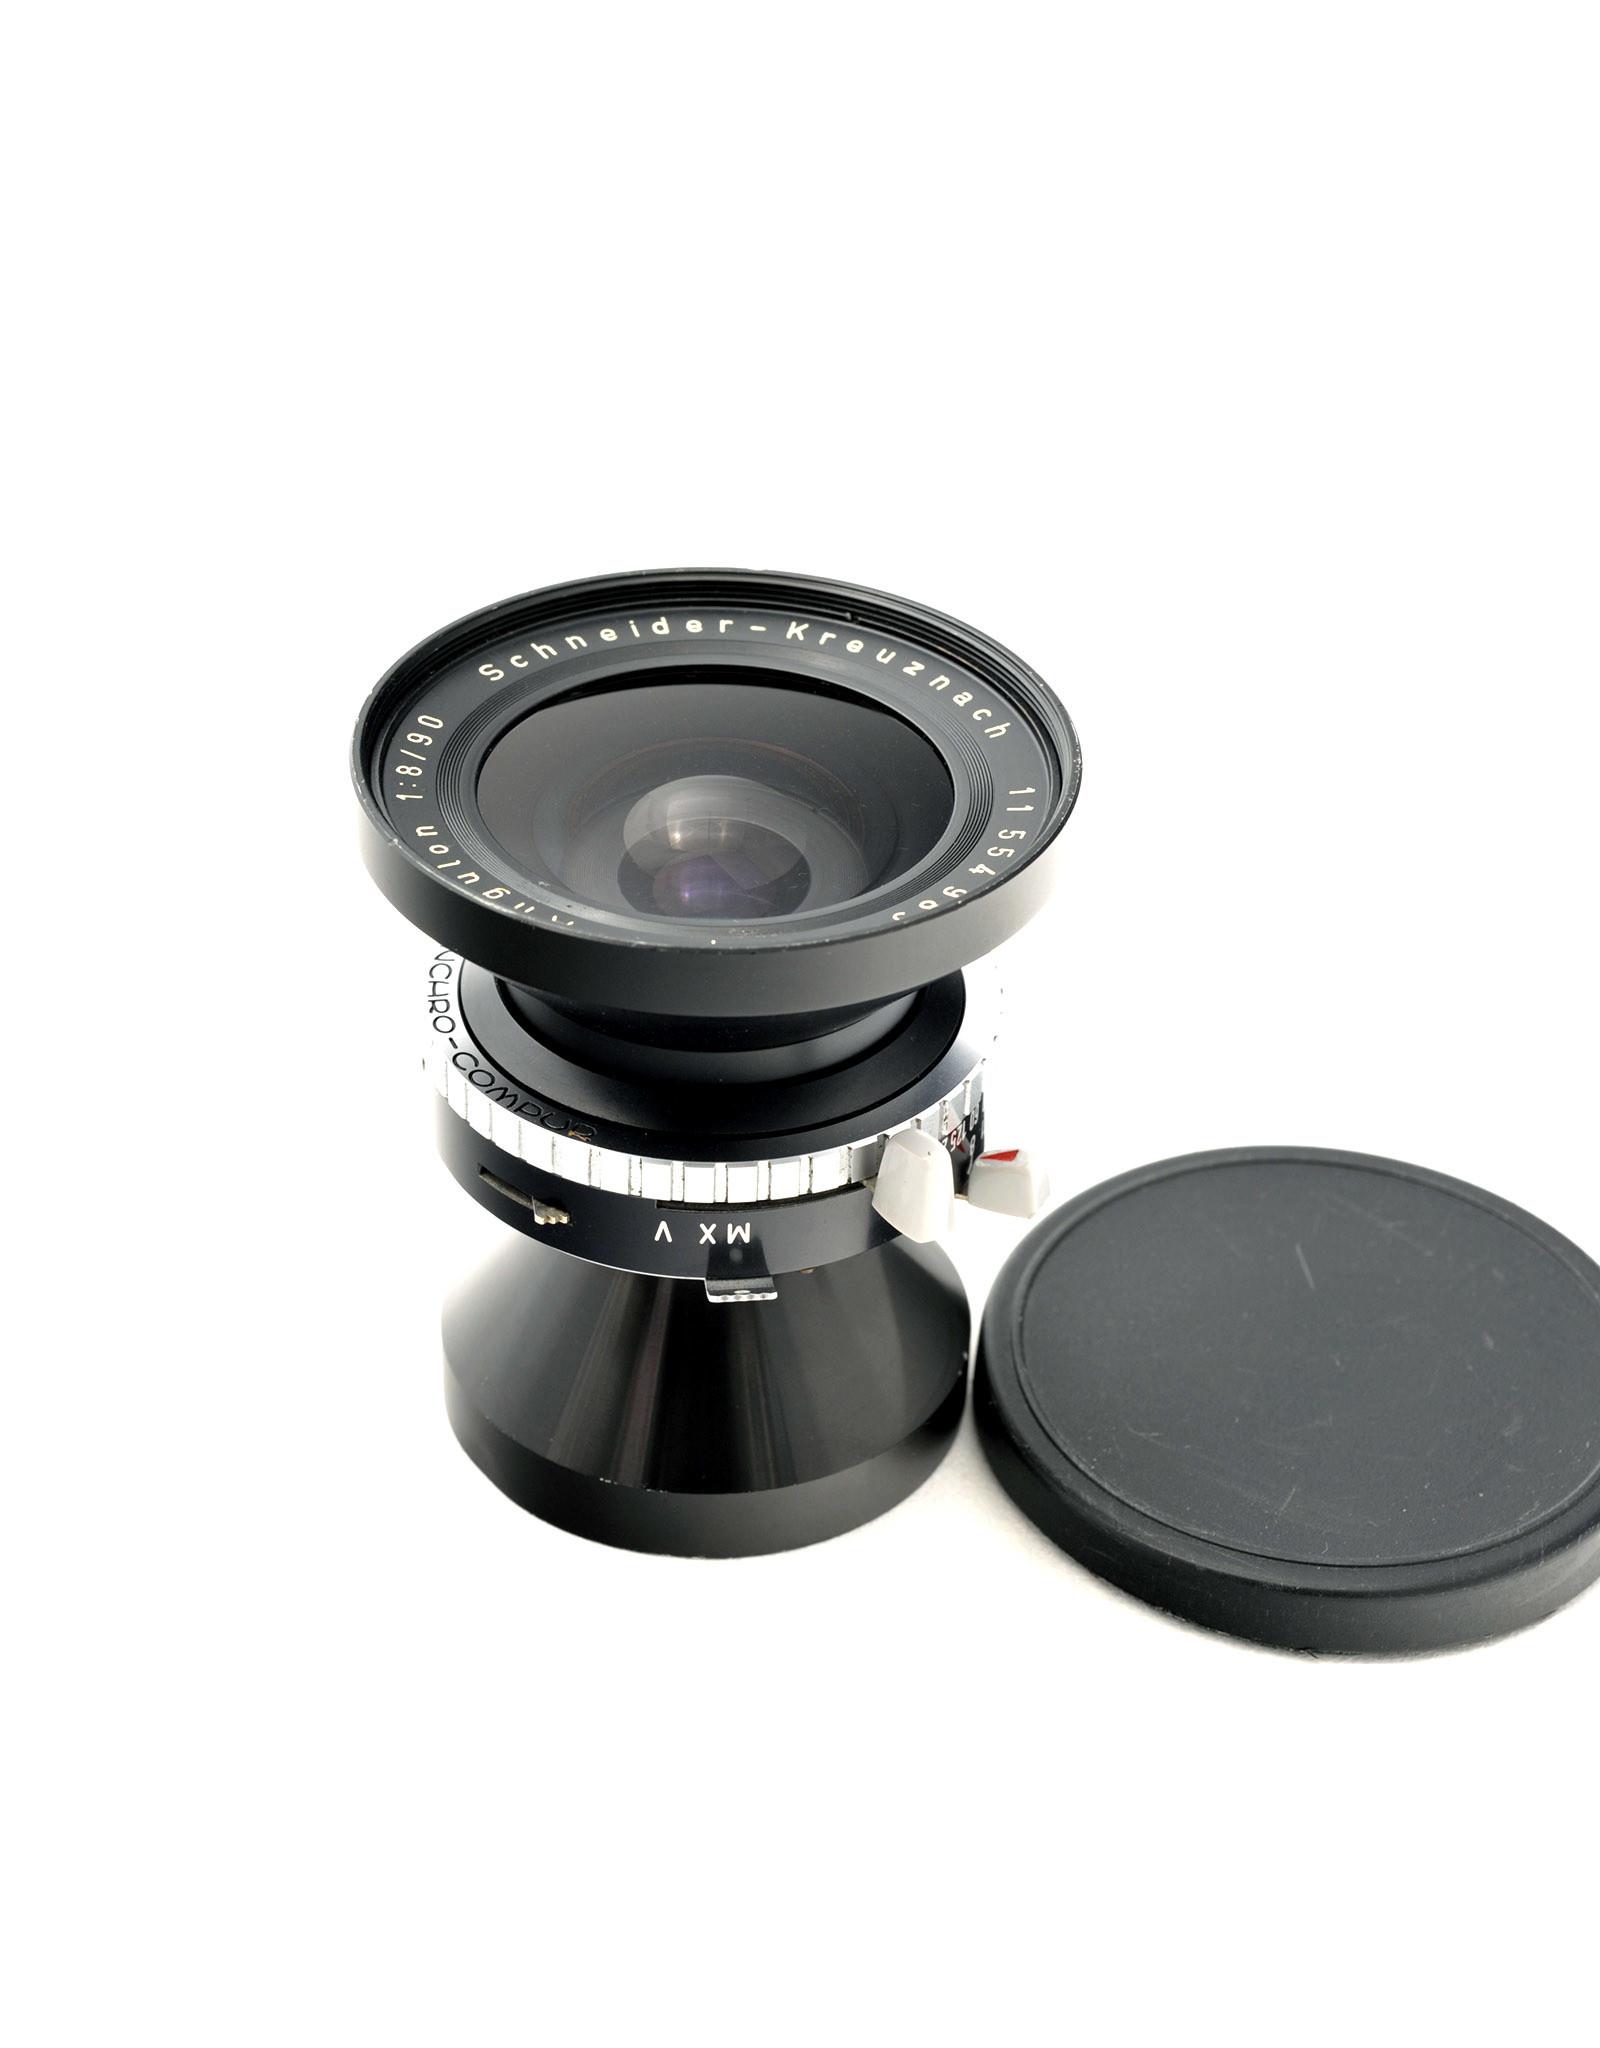 Schneider Schneider 90mm f8 Super-Angulon ( Syncro-Compur)   AP1061606